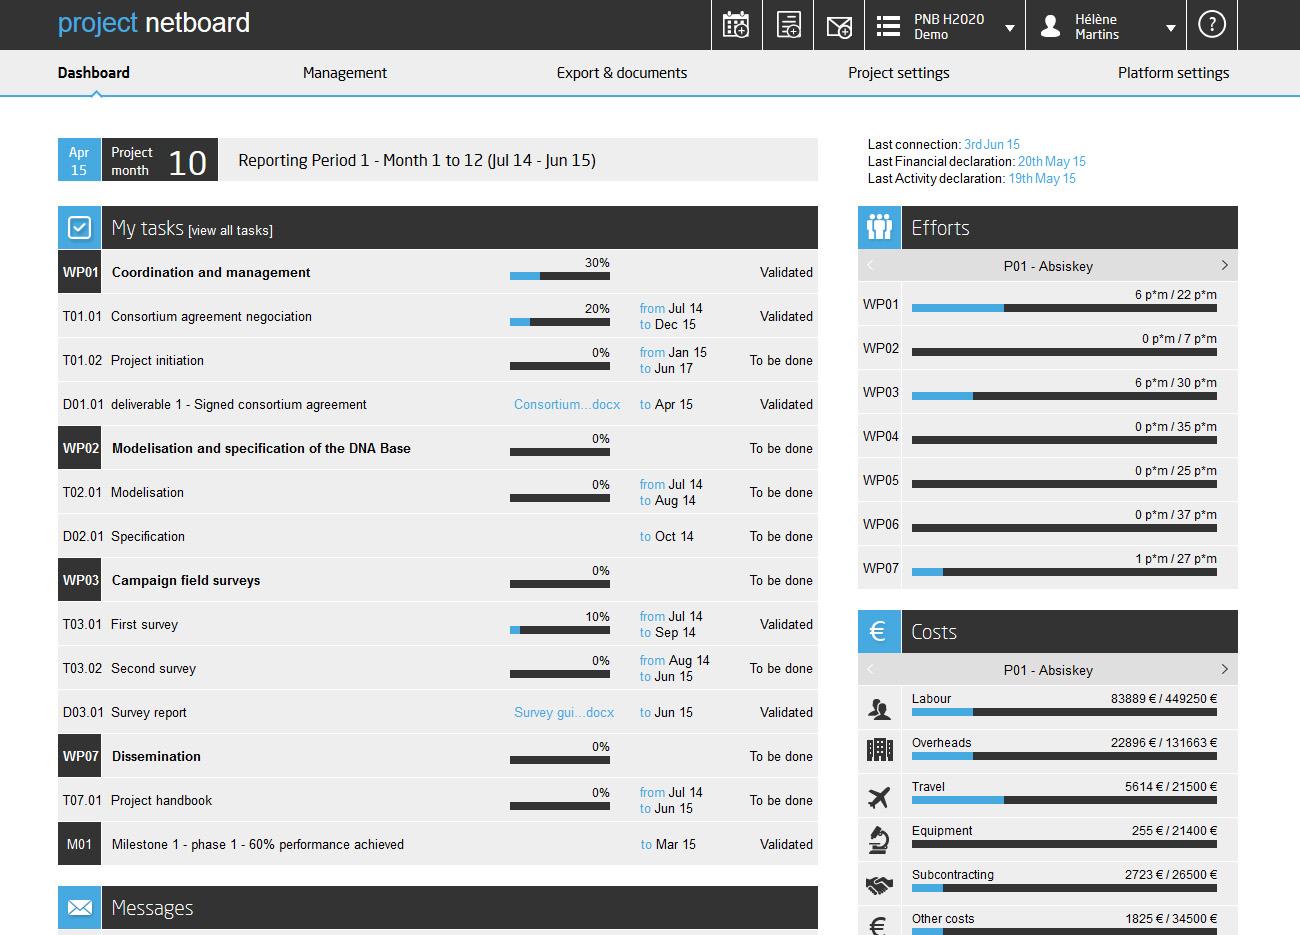 Dashboard - Centralisation de toutes les informations de reporting et de communication